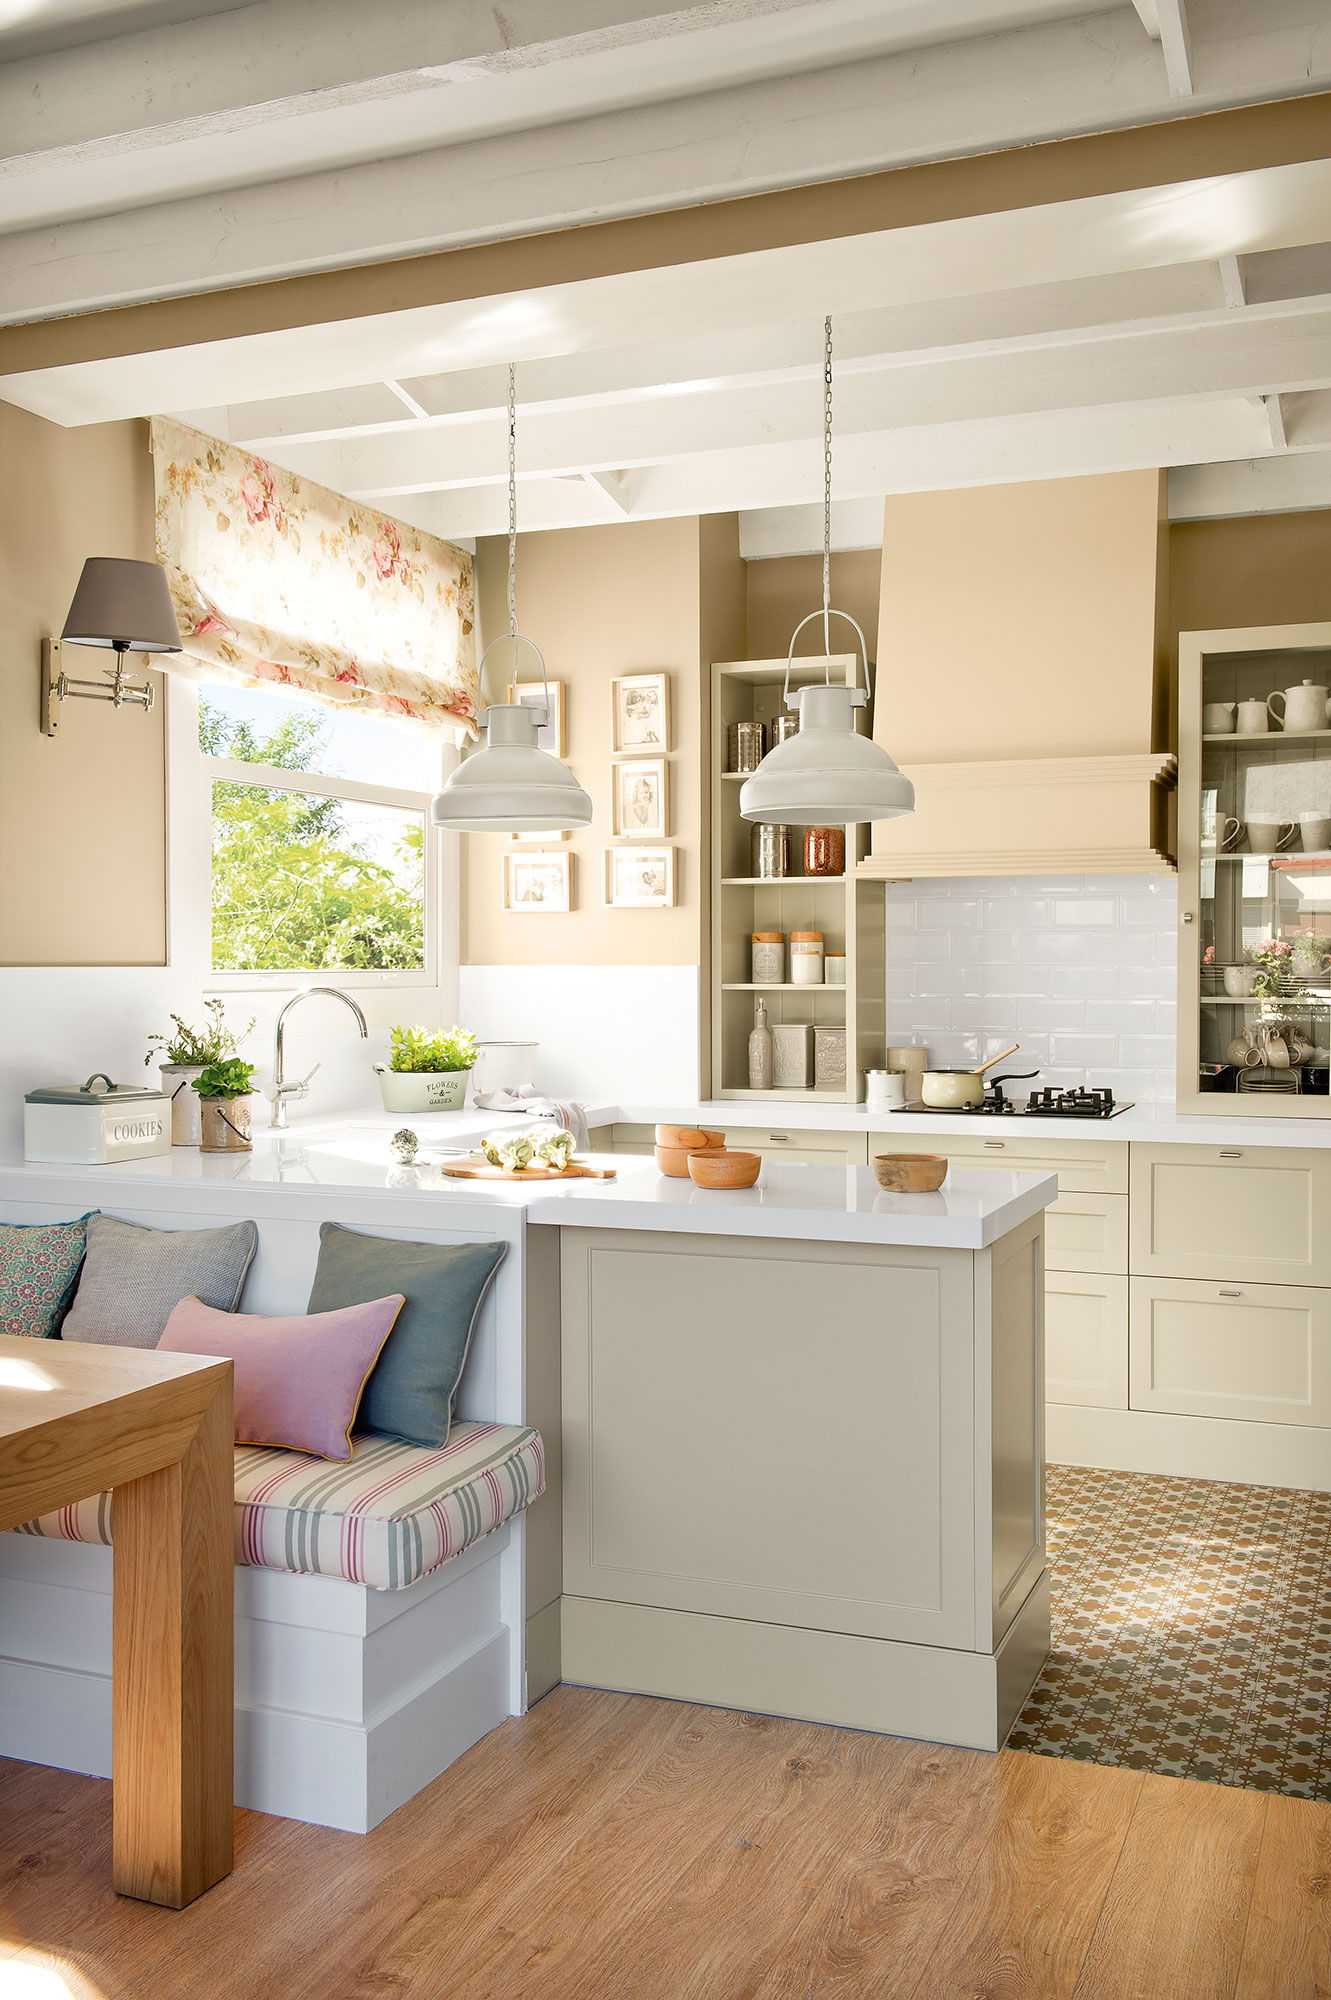 Cocina en orden las claves del xito - Cocina rustica blanca ...